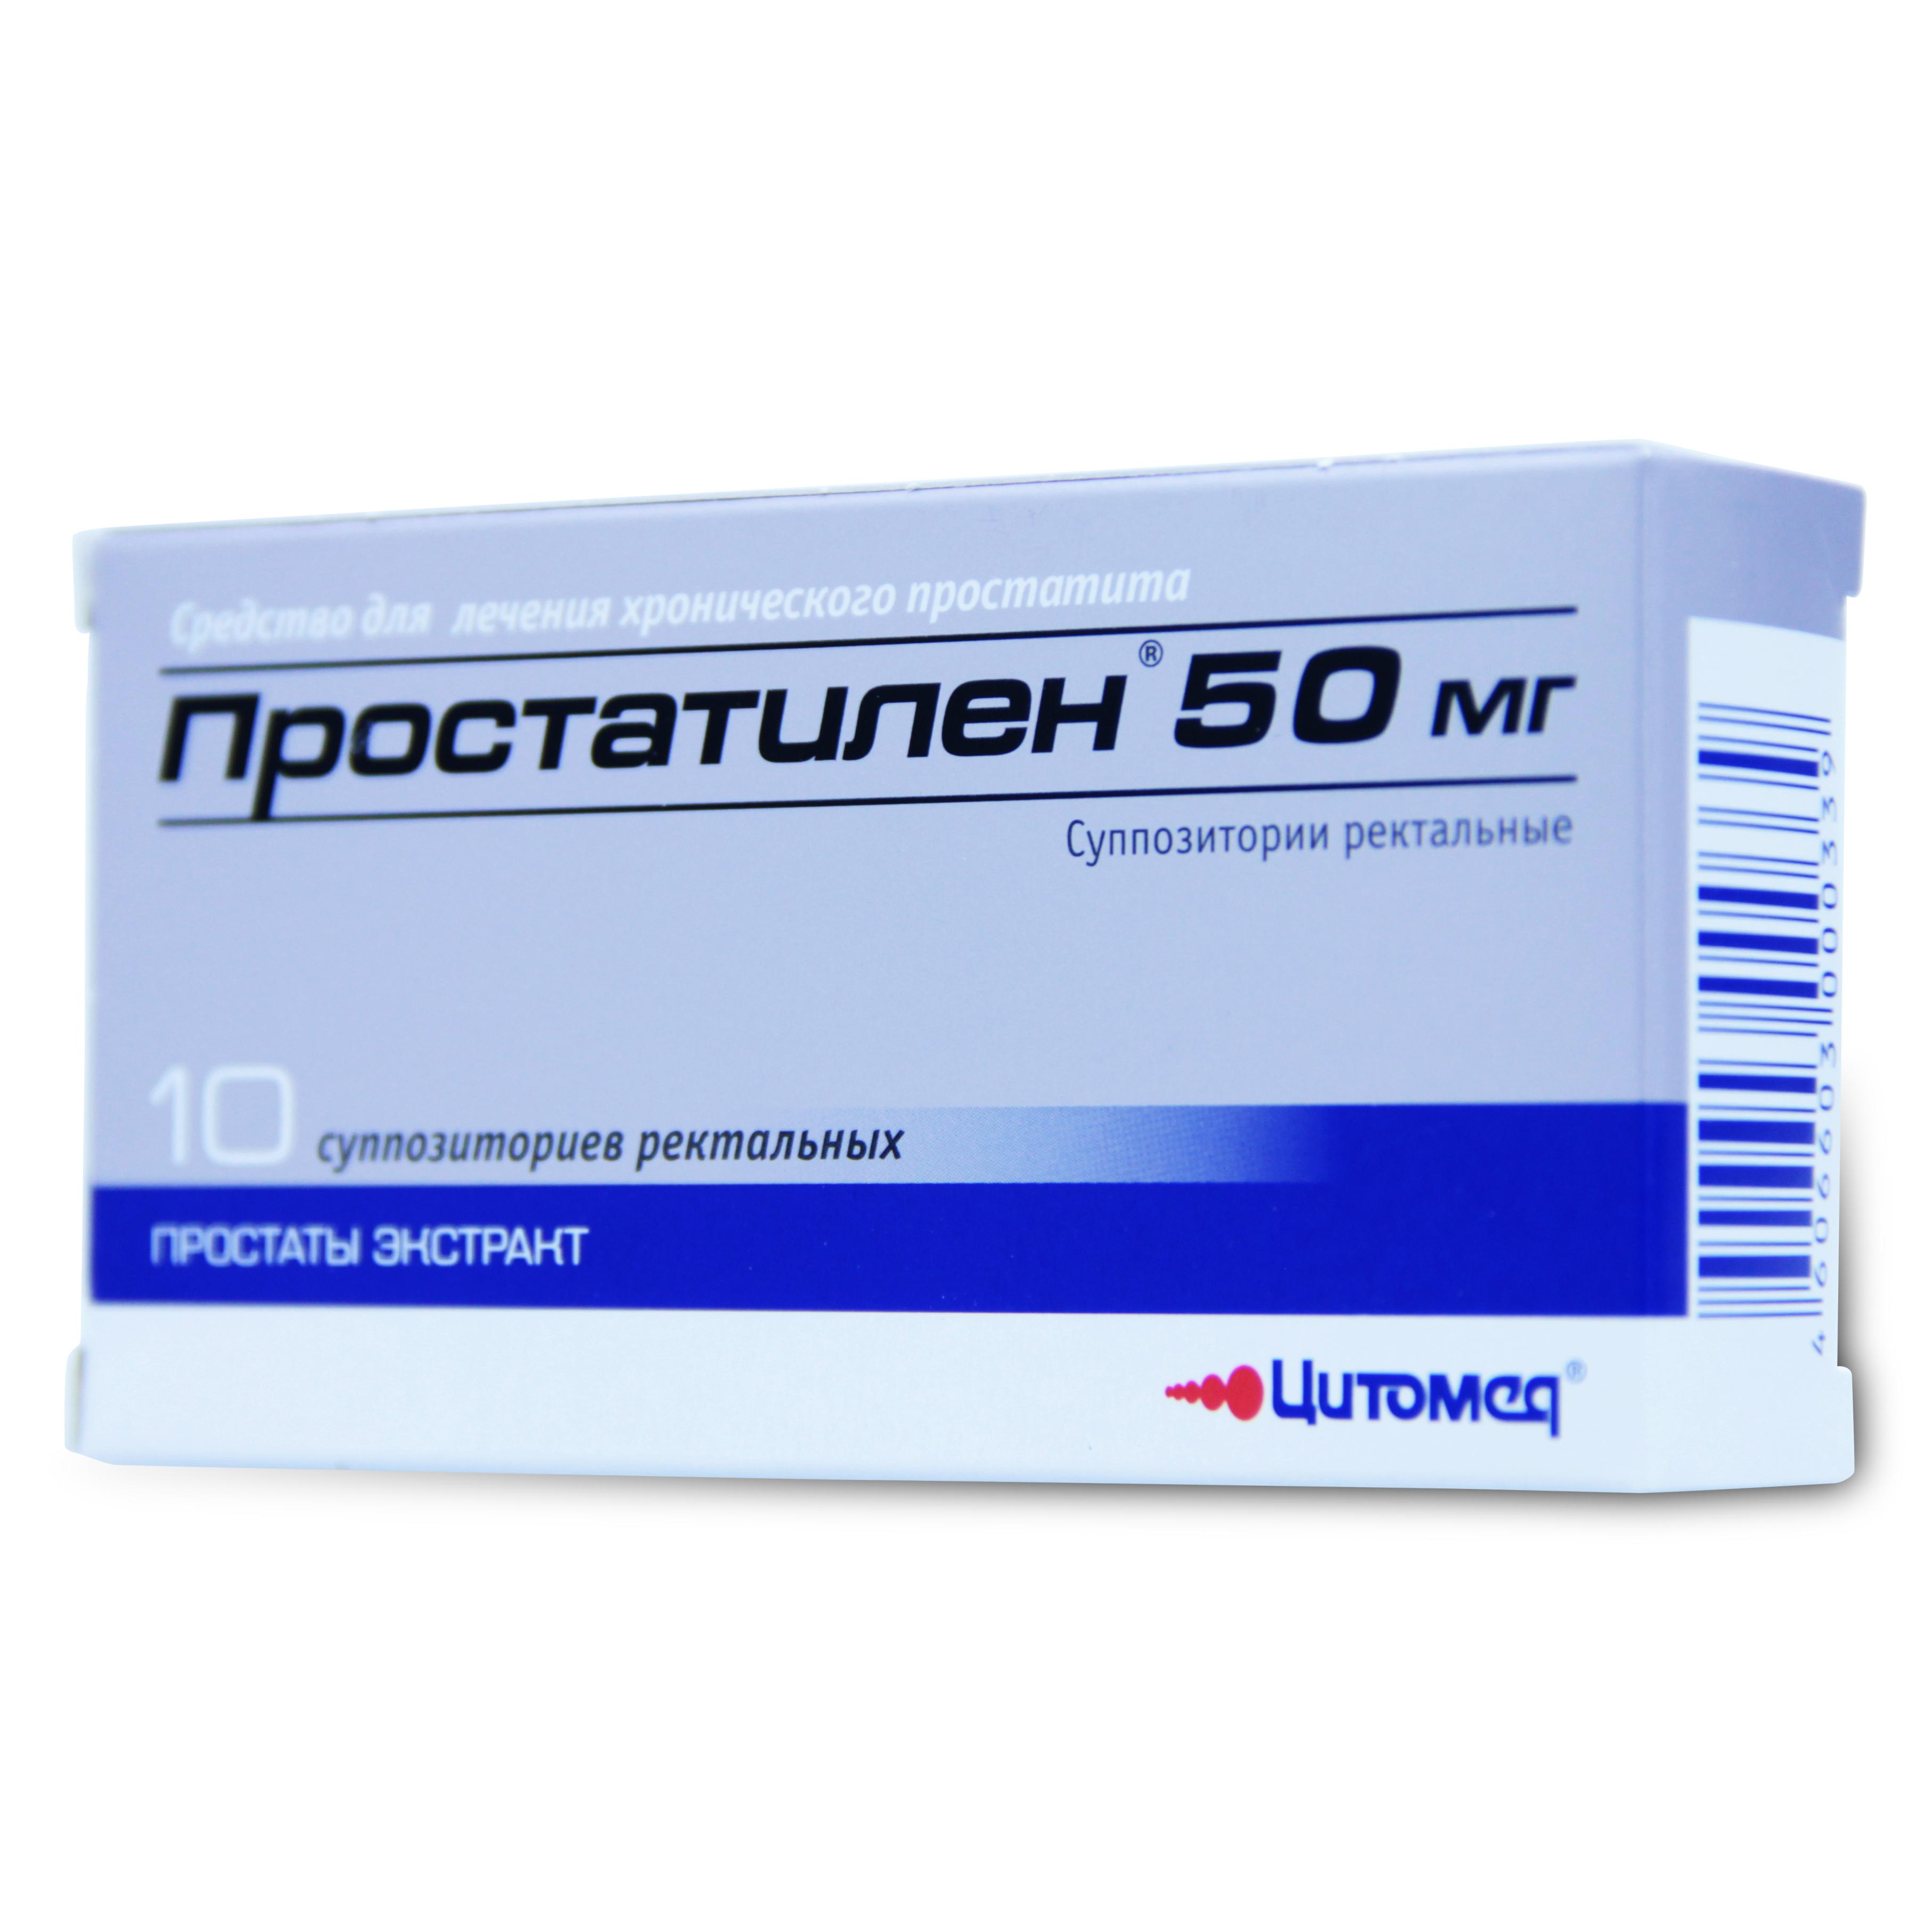 Цены в ижевске при лечении простатита можно ли заразиться при хроническом простатите